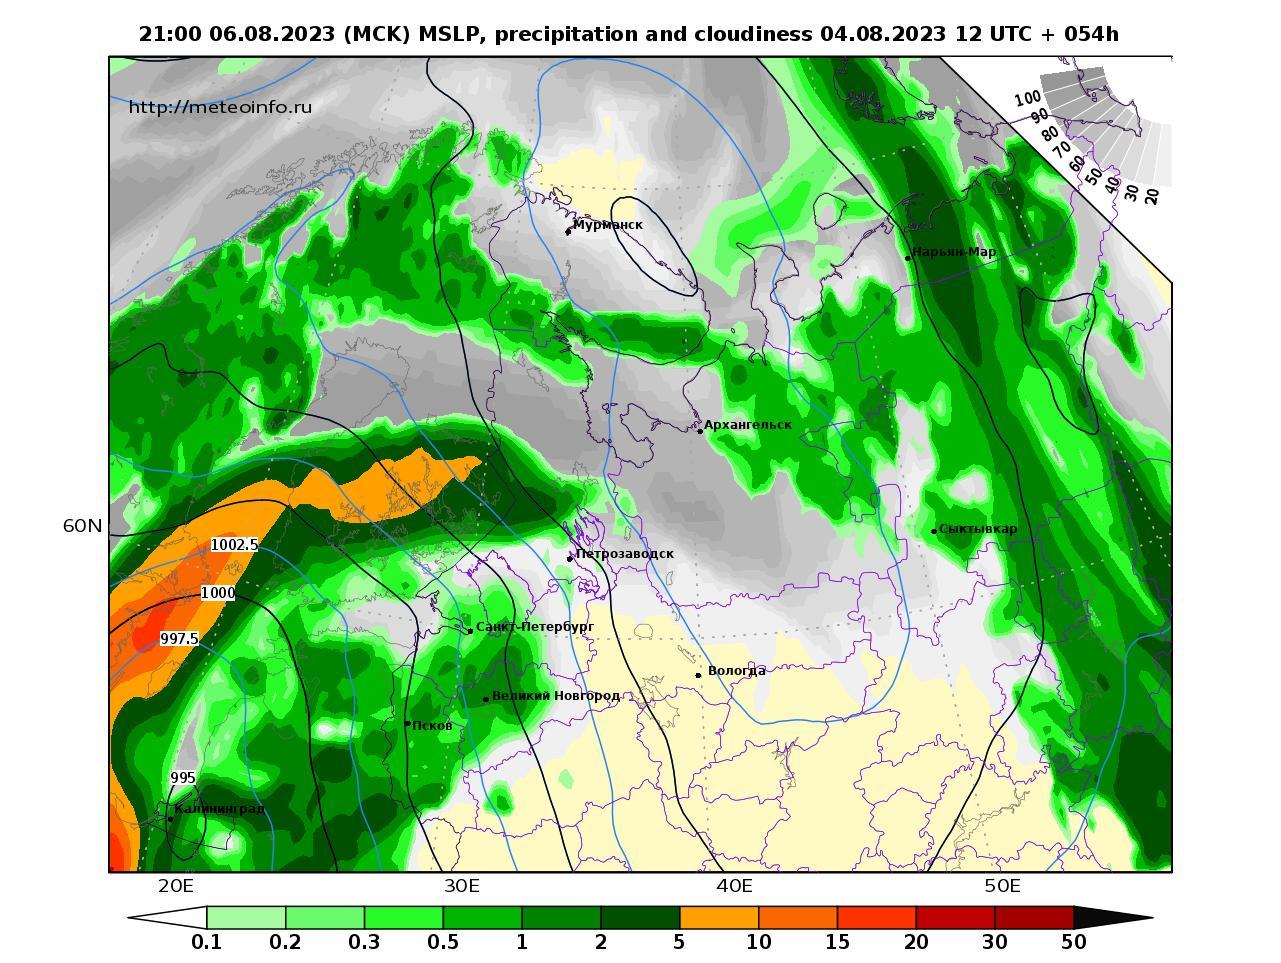 Северо-Западный Федеральный округ, прогностическая карта осадки и давление, заблаговременность прогноза 54 часа